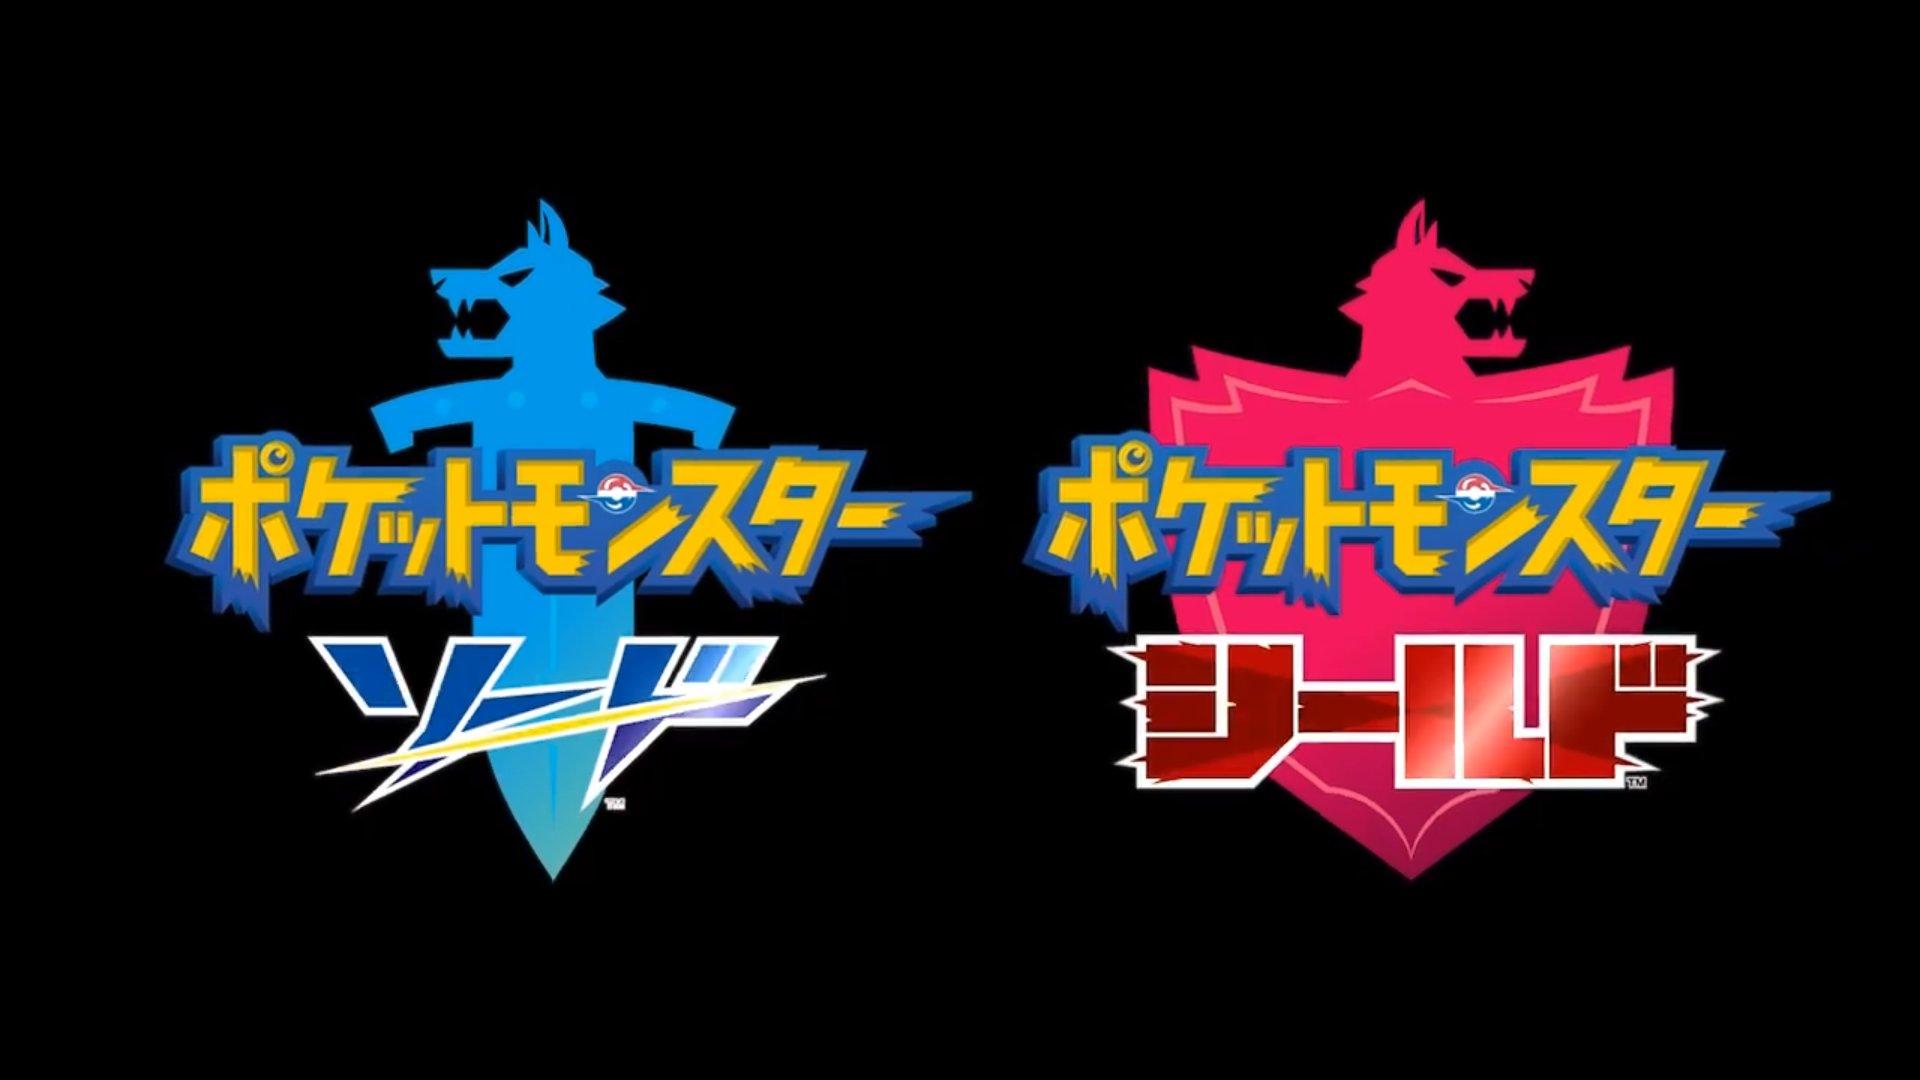 【祝】ポケモン剣盾、アメリカでシリーズ最高のローンチ売上を達成!!!